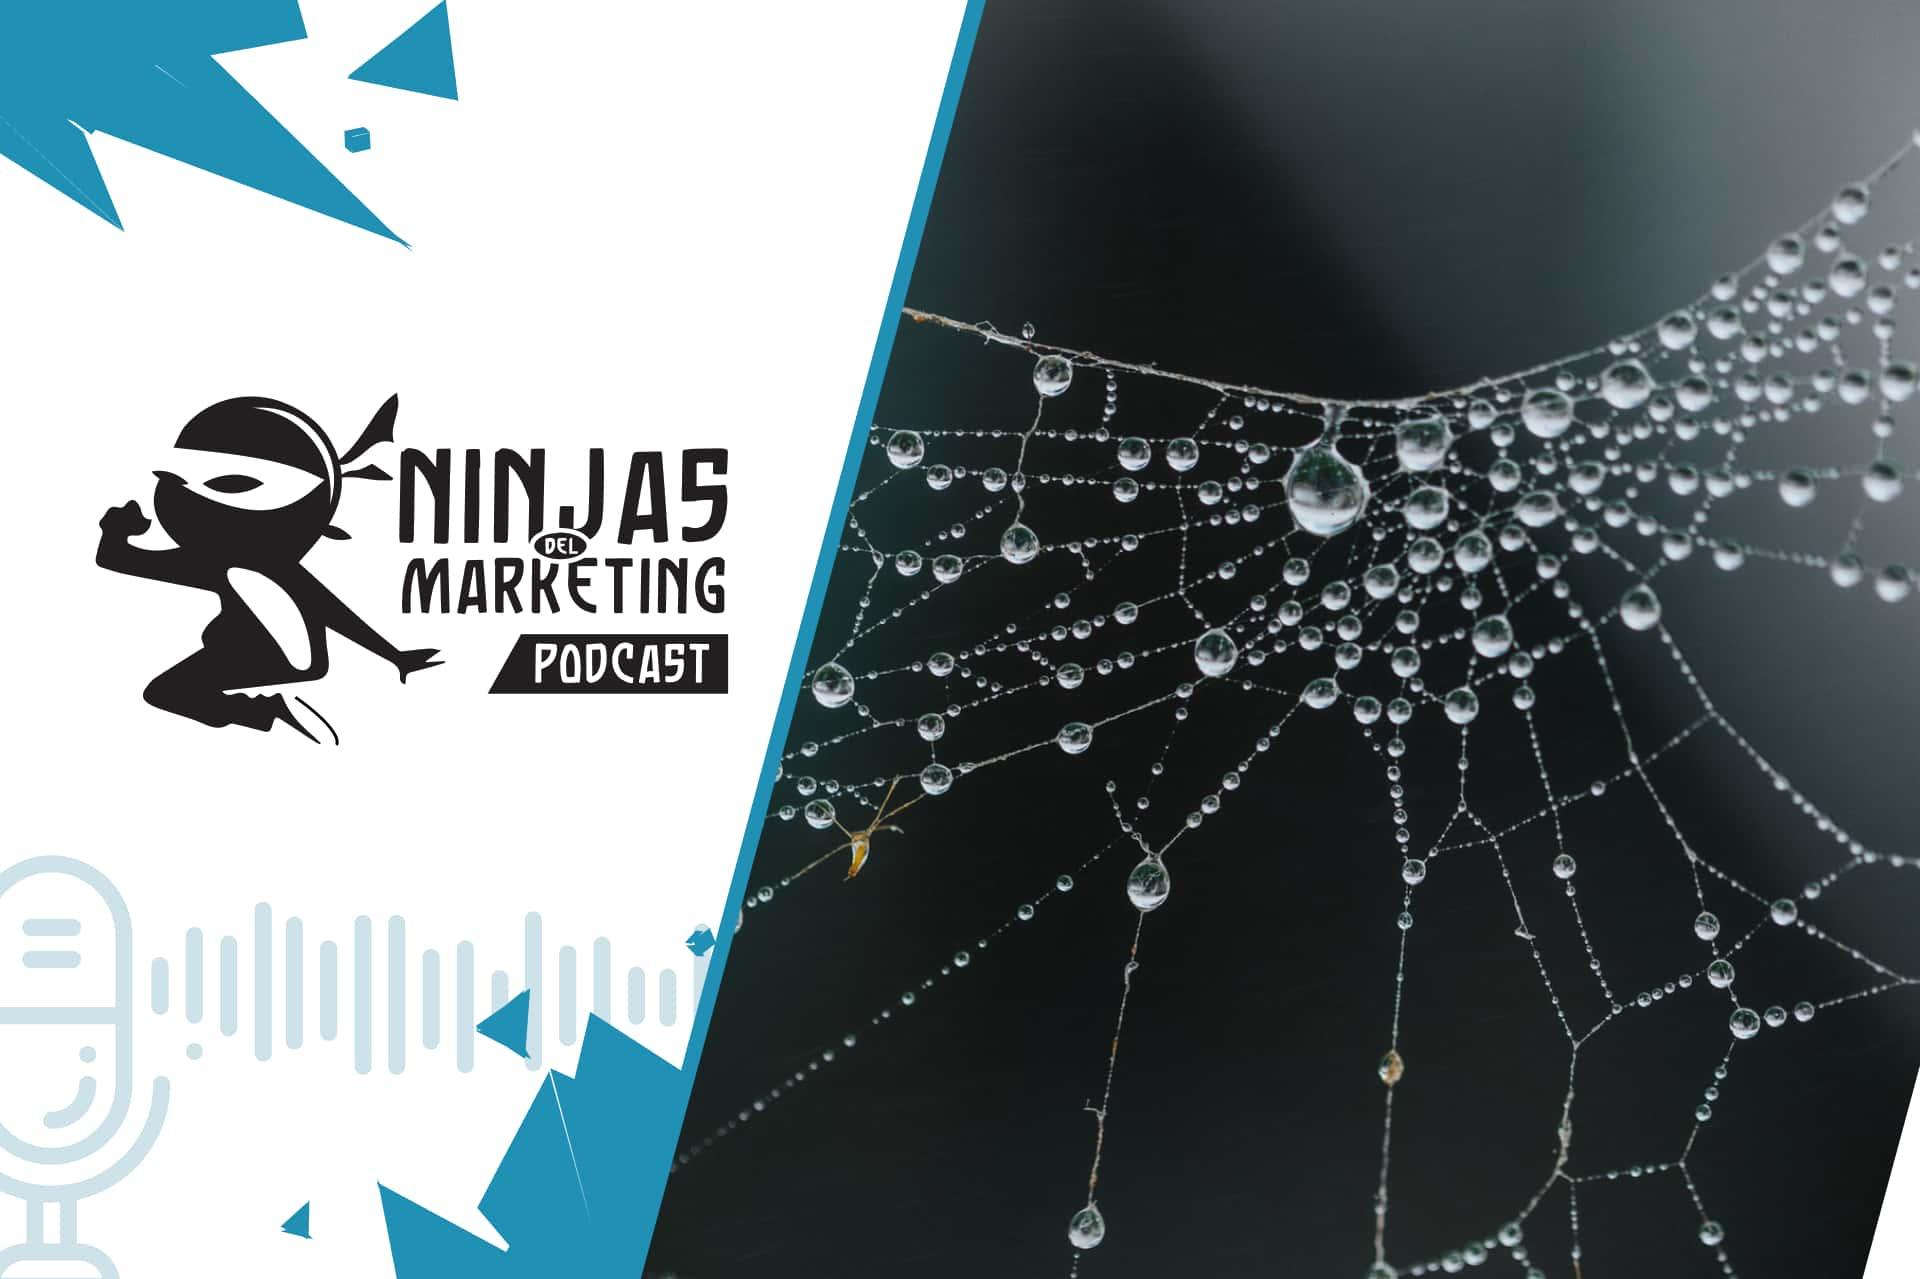 Imagen destacada del episodio 52 de ninjas del marketing sobre infraestructura web